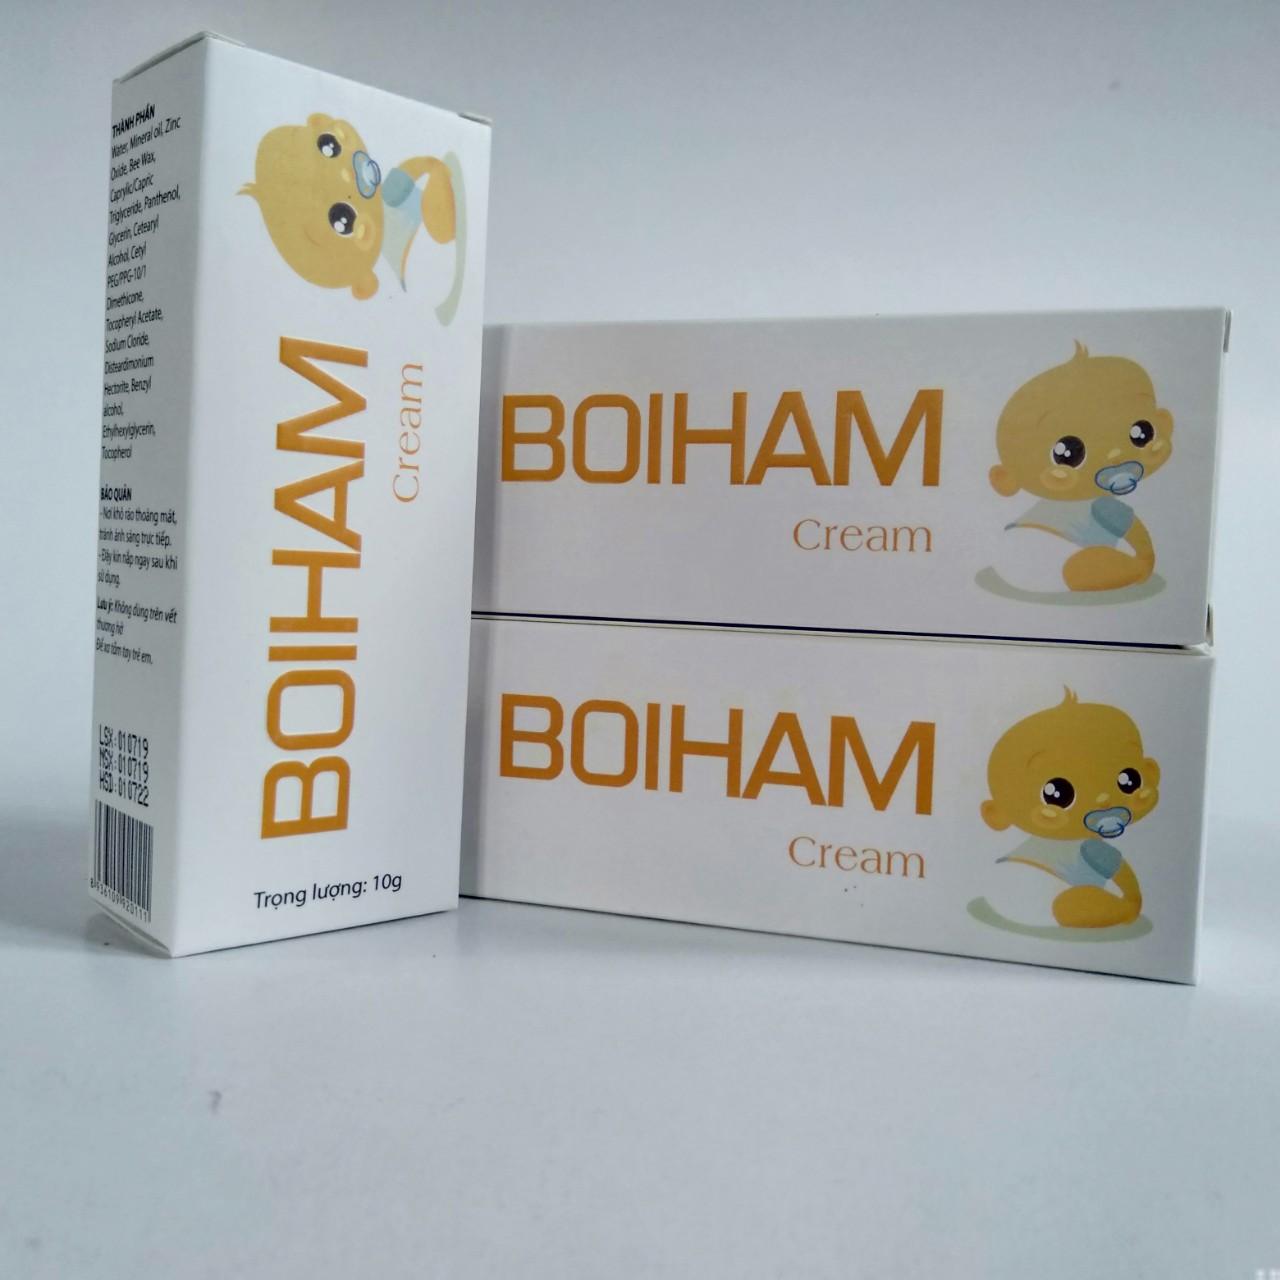 [COMBO 3 HỘP] Kem giảm hăm BOIHAM Cream bảo vệ cho làn da nhạy cảm của em bé tránh khỏi các tác nhân gây kích ứng, giúp phòng ngừa hăm tã, giúp da bé luôn mềm mịn- tuýp 10g, hàng chính hãng